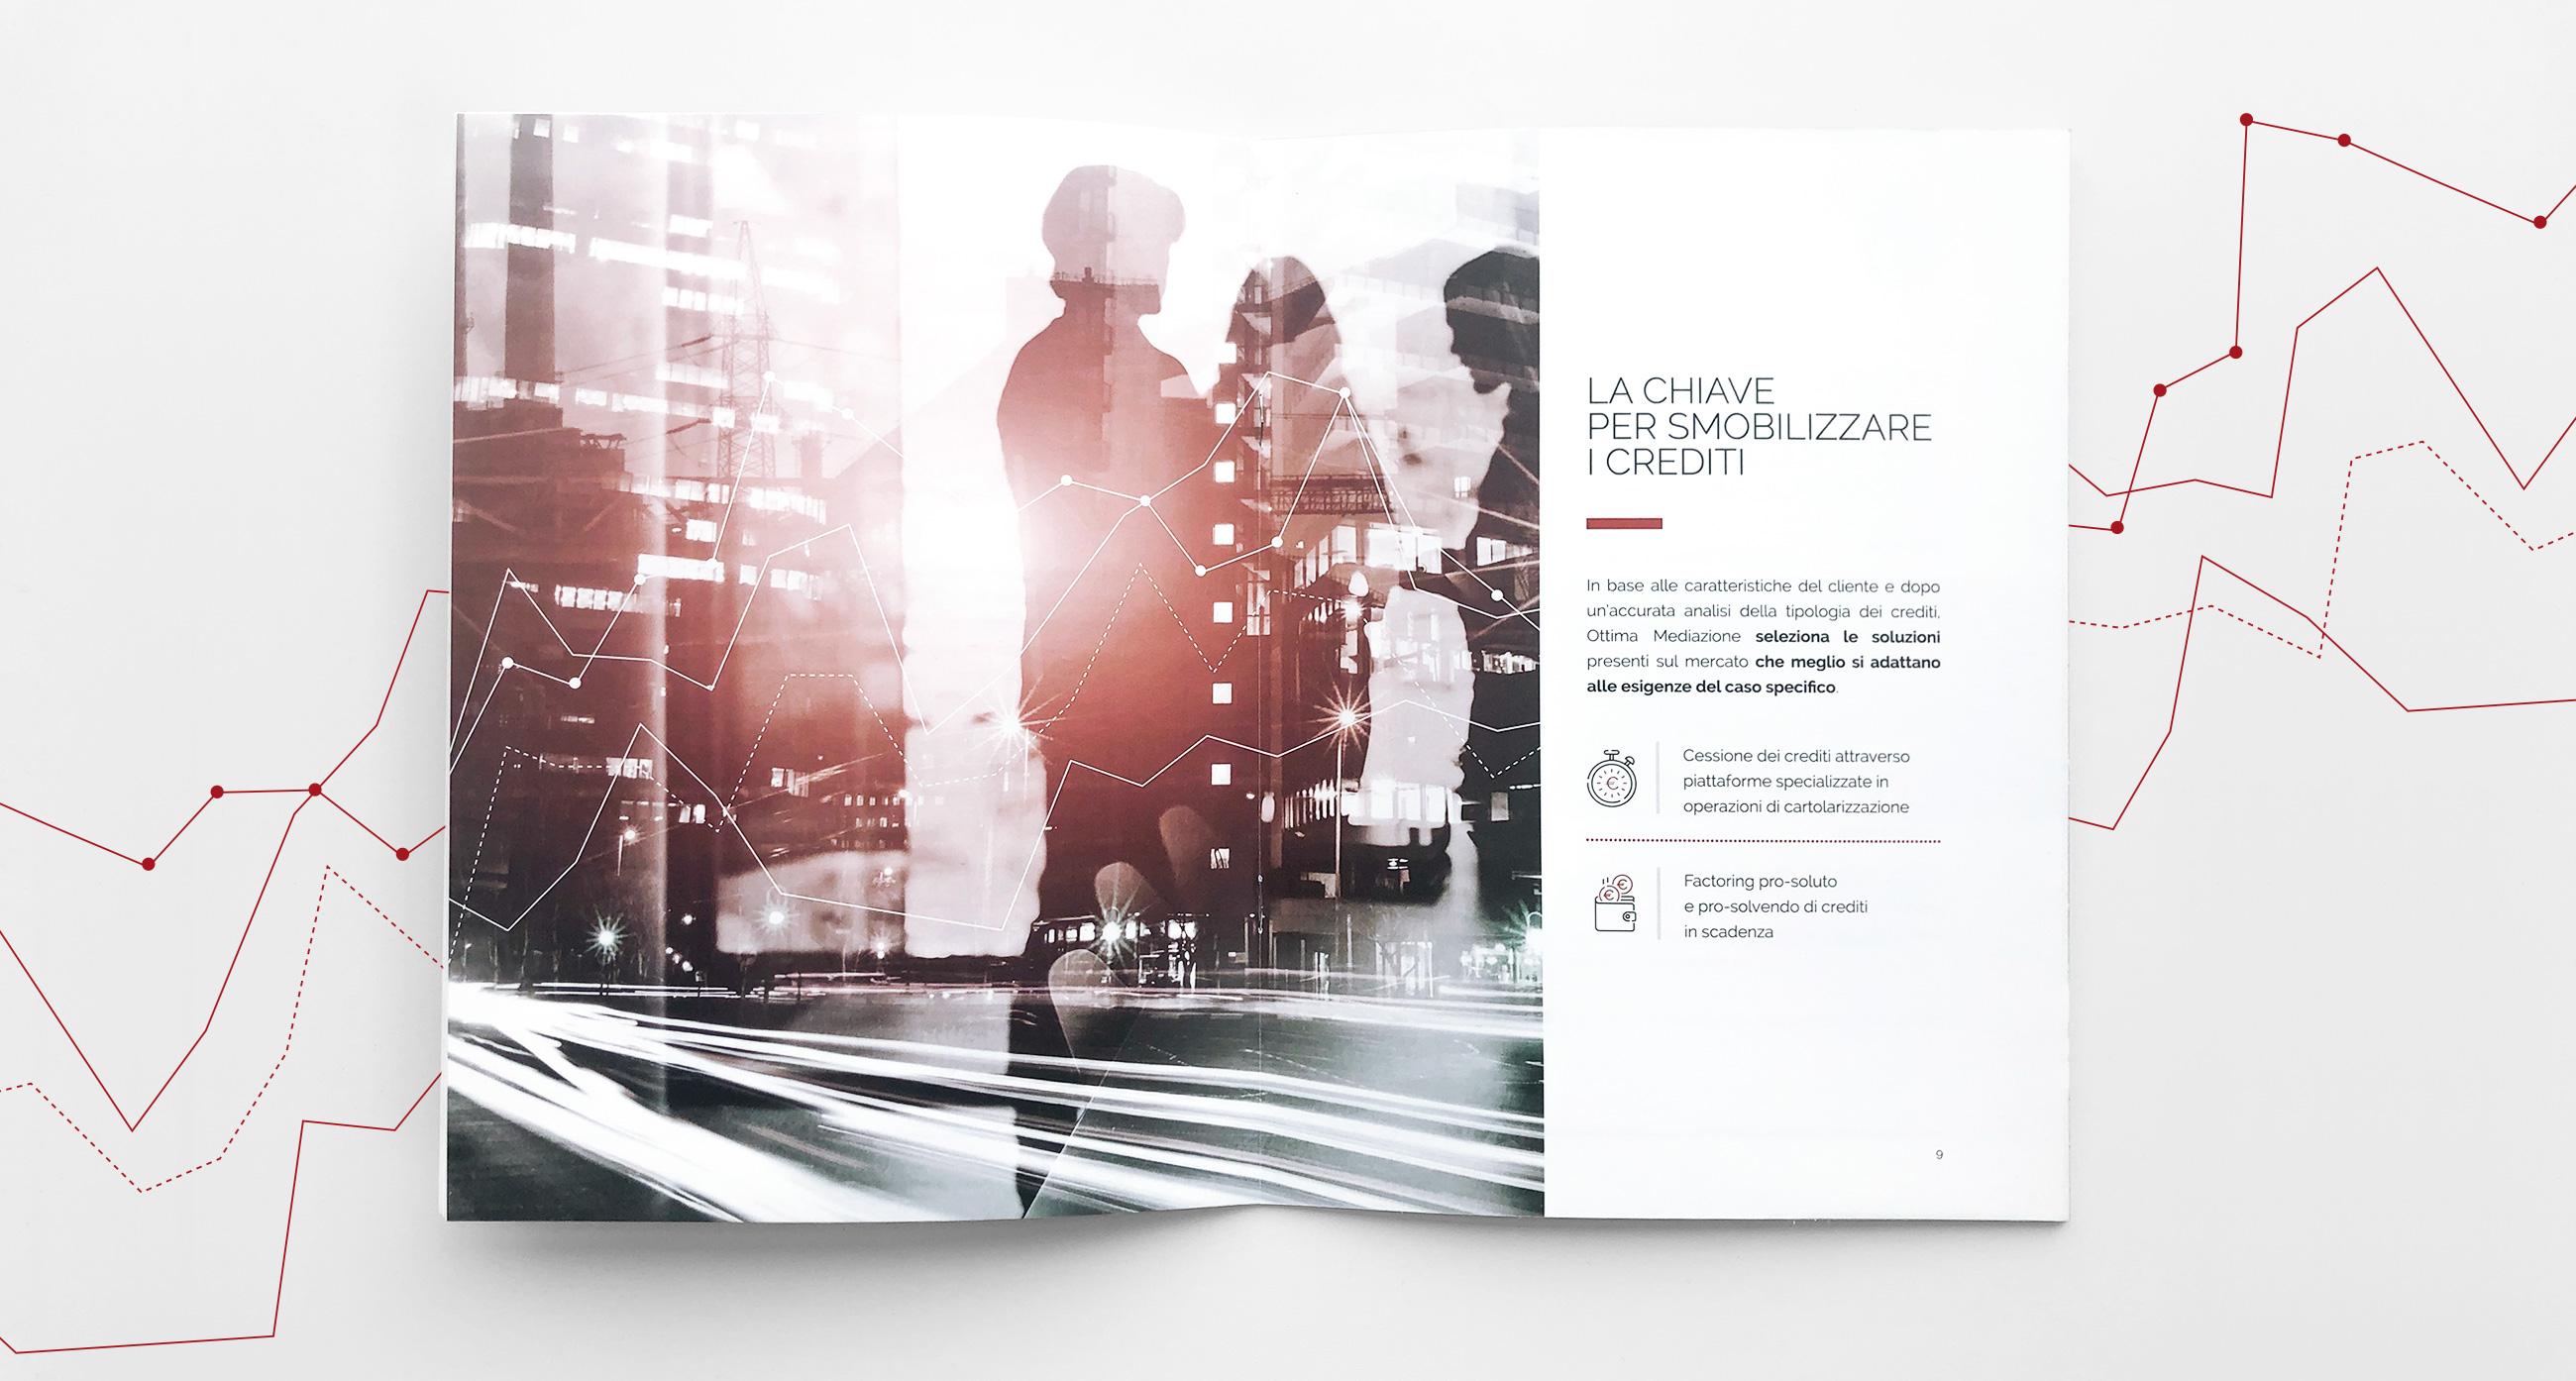 Ottima Mediazione company profile design